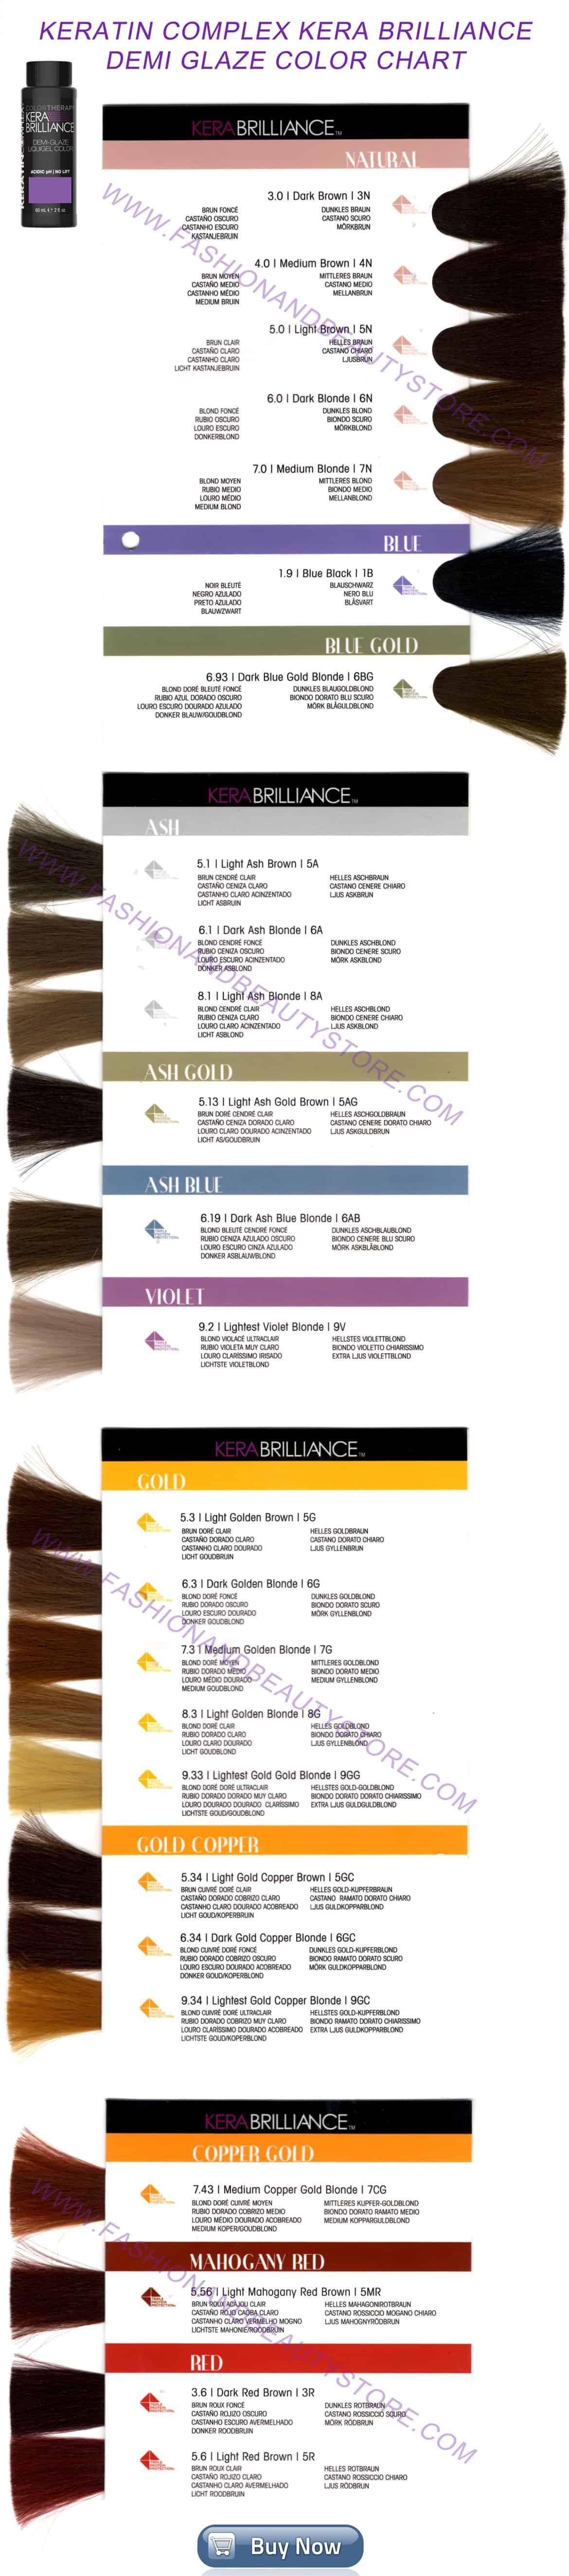 Keratin plex Kera Brilliance Color Chart